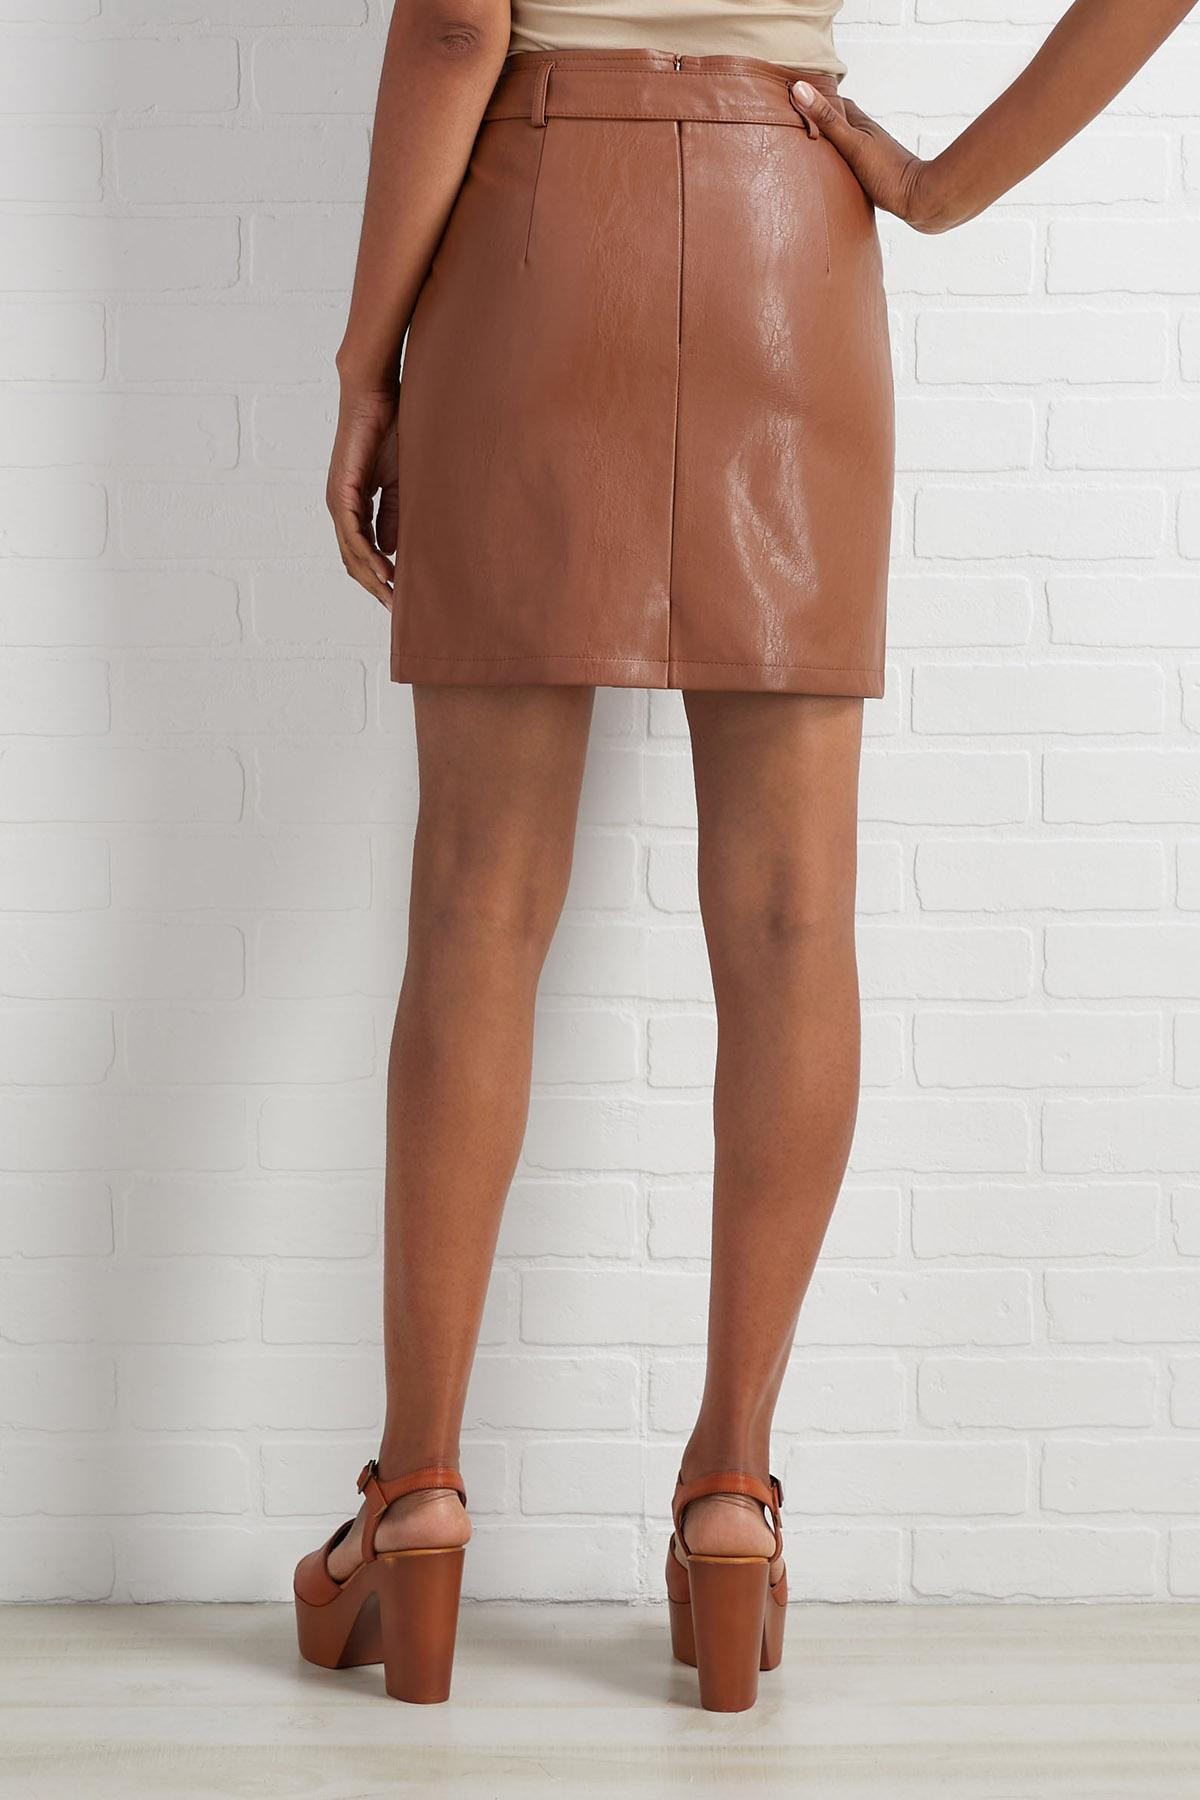 Caramel Latte Skirt